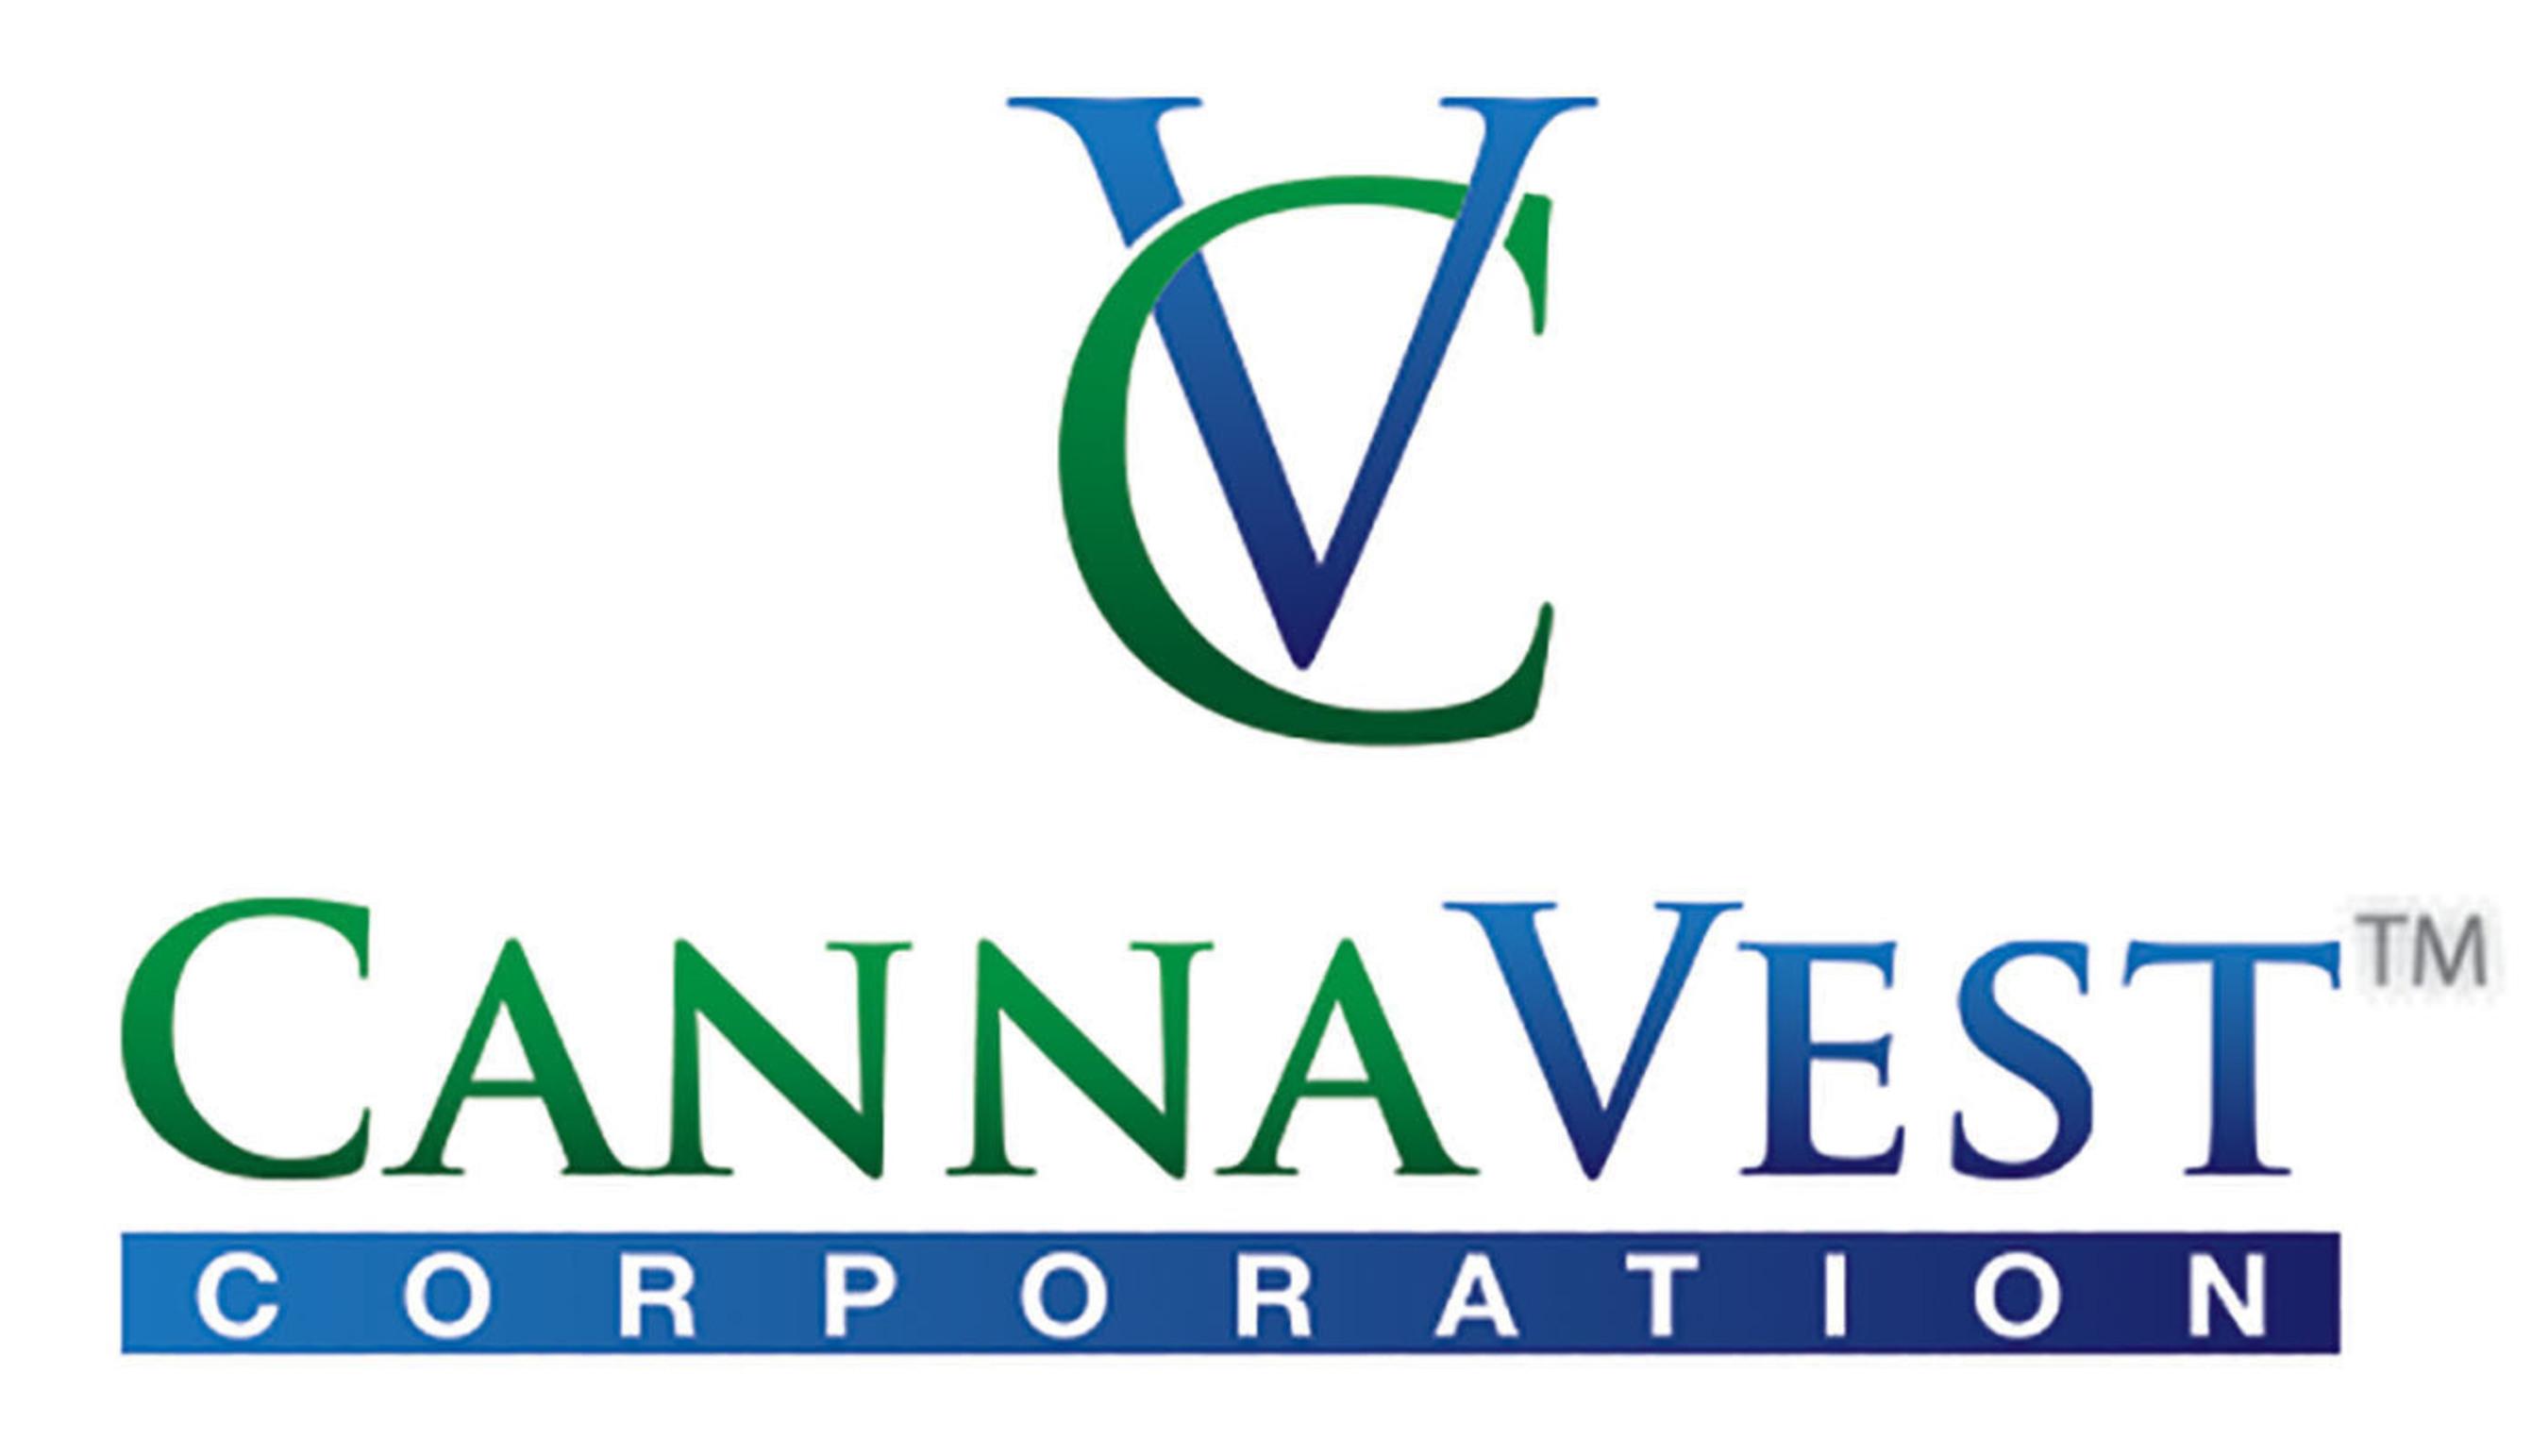 CannaVest Corp. gibt Finanzergebnisse des dritten Quartals 2014 bekannt